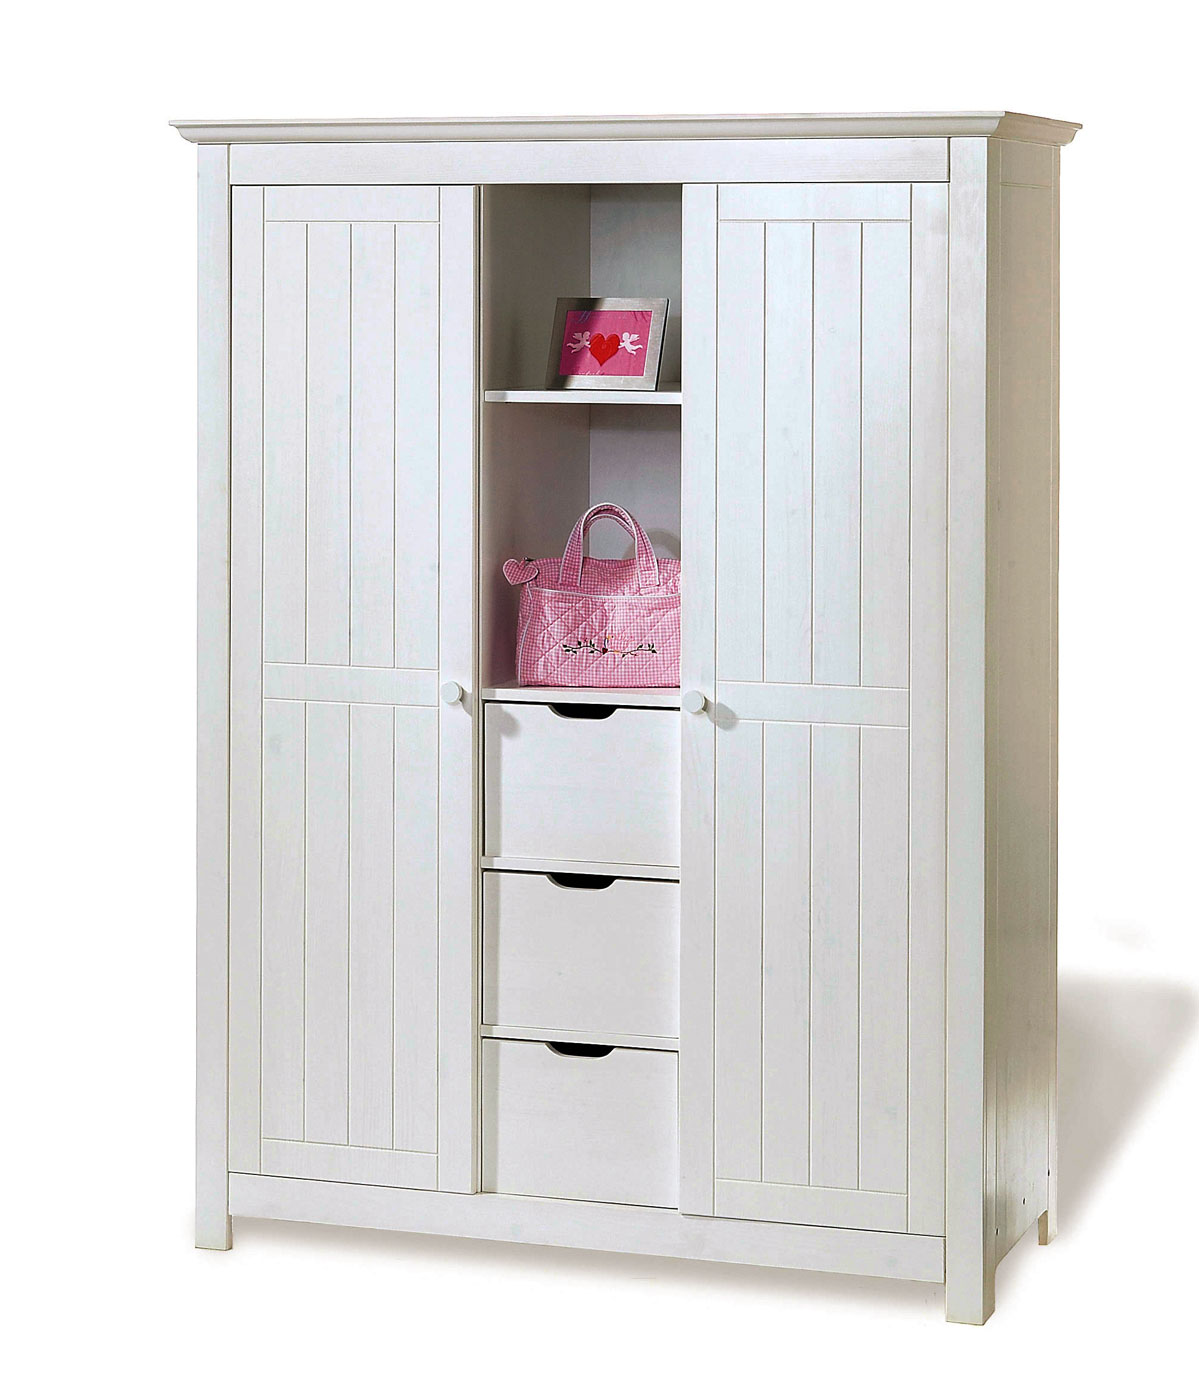 Kleiderschrank Fürs Kinderzimmer Aus Weißer Fichte Nina: Kinderzimmer Kleiderschrank Aus Weißer Fichte